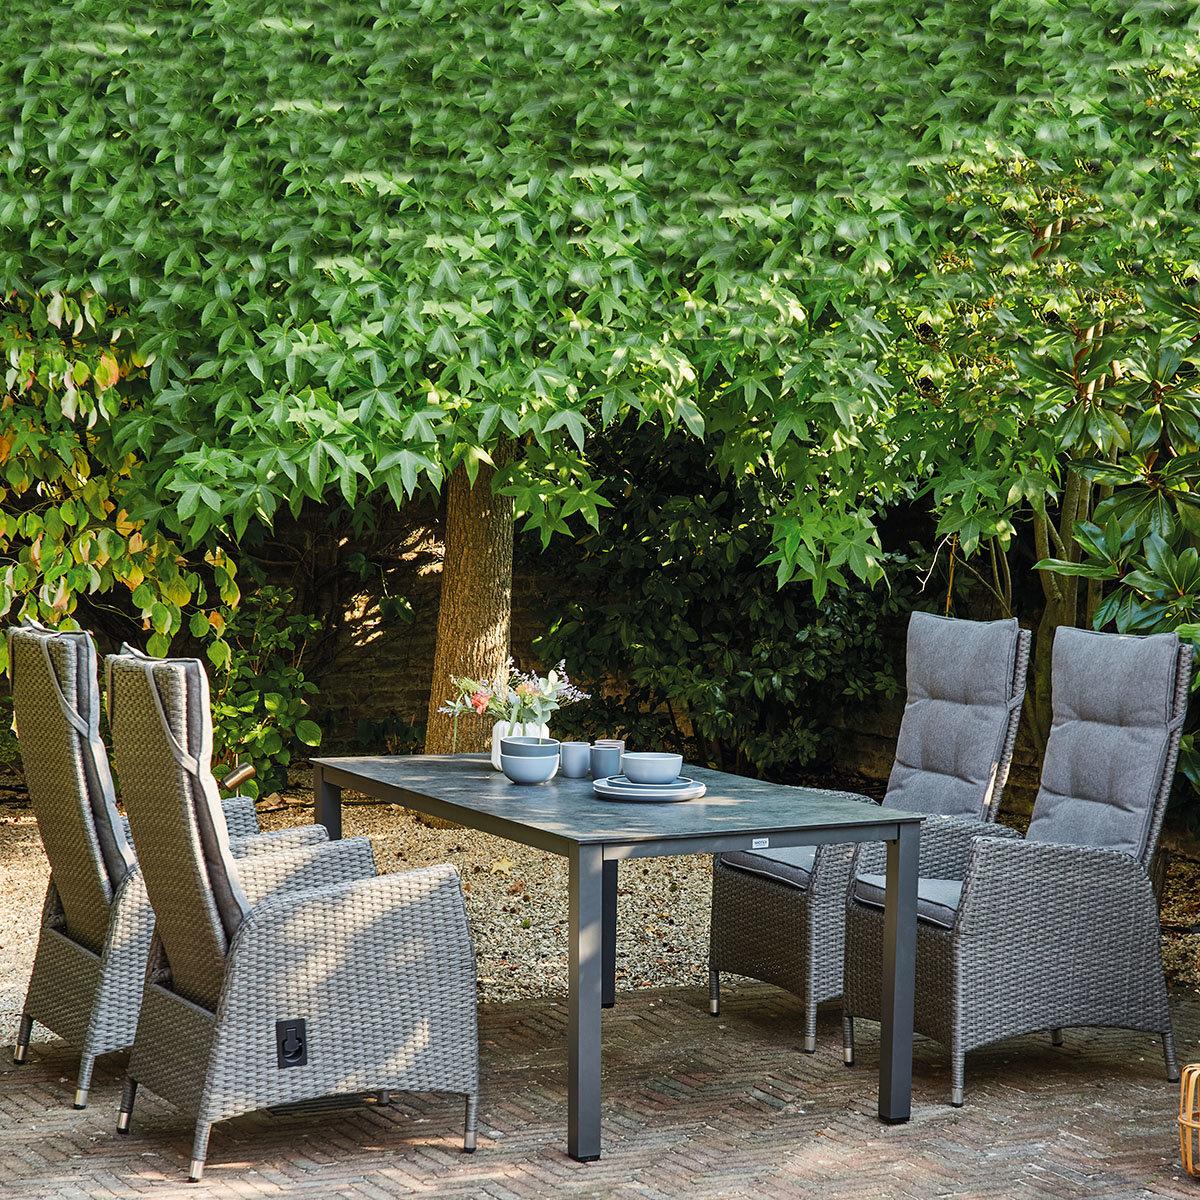 Gartenmöbel-Set Padova mit 4 Dining-Sesseln (mit Kissen) und 1 Loft-Tisch